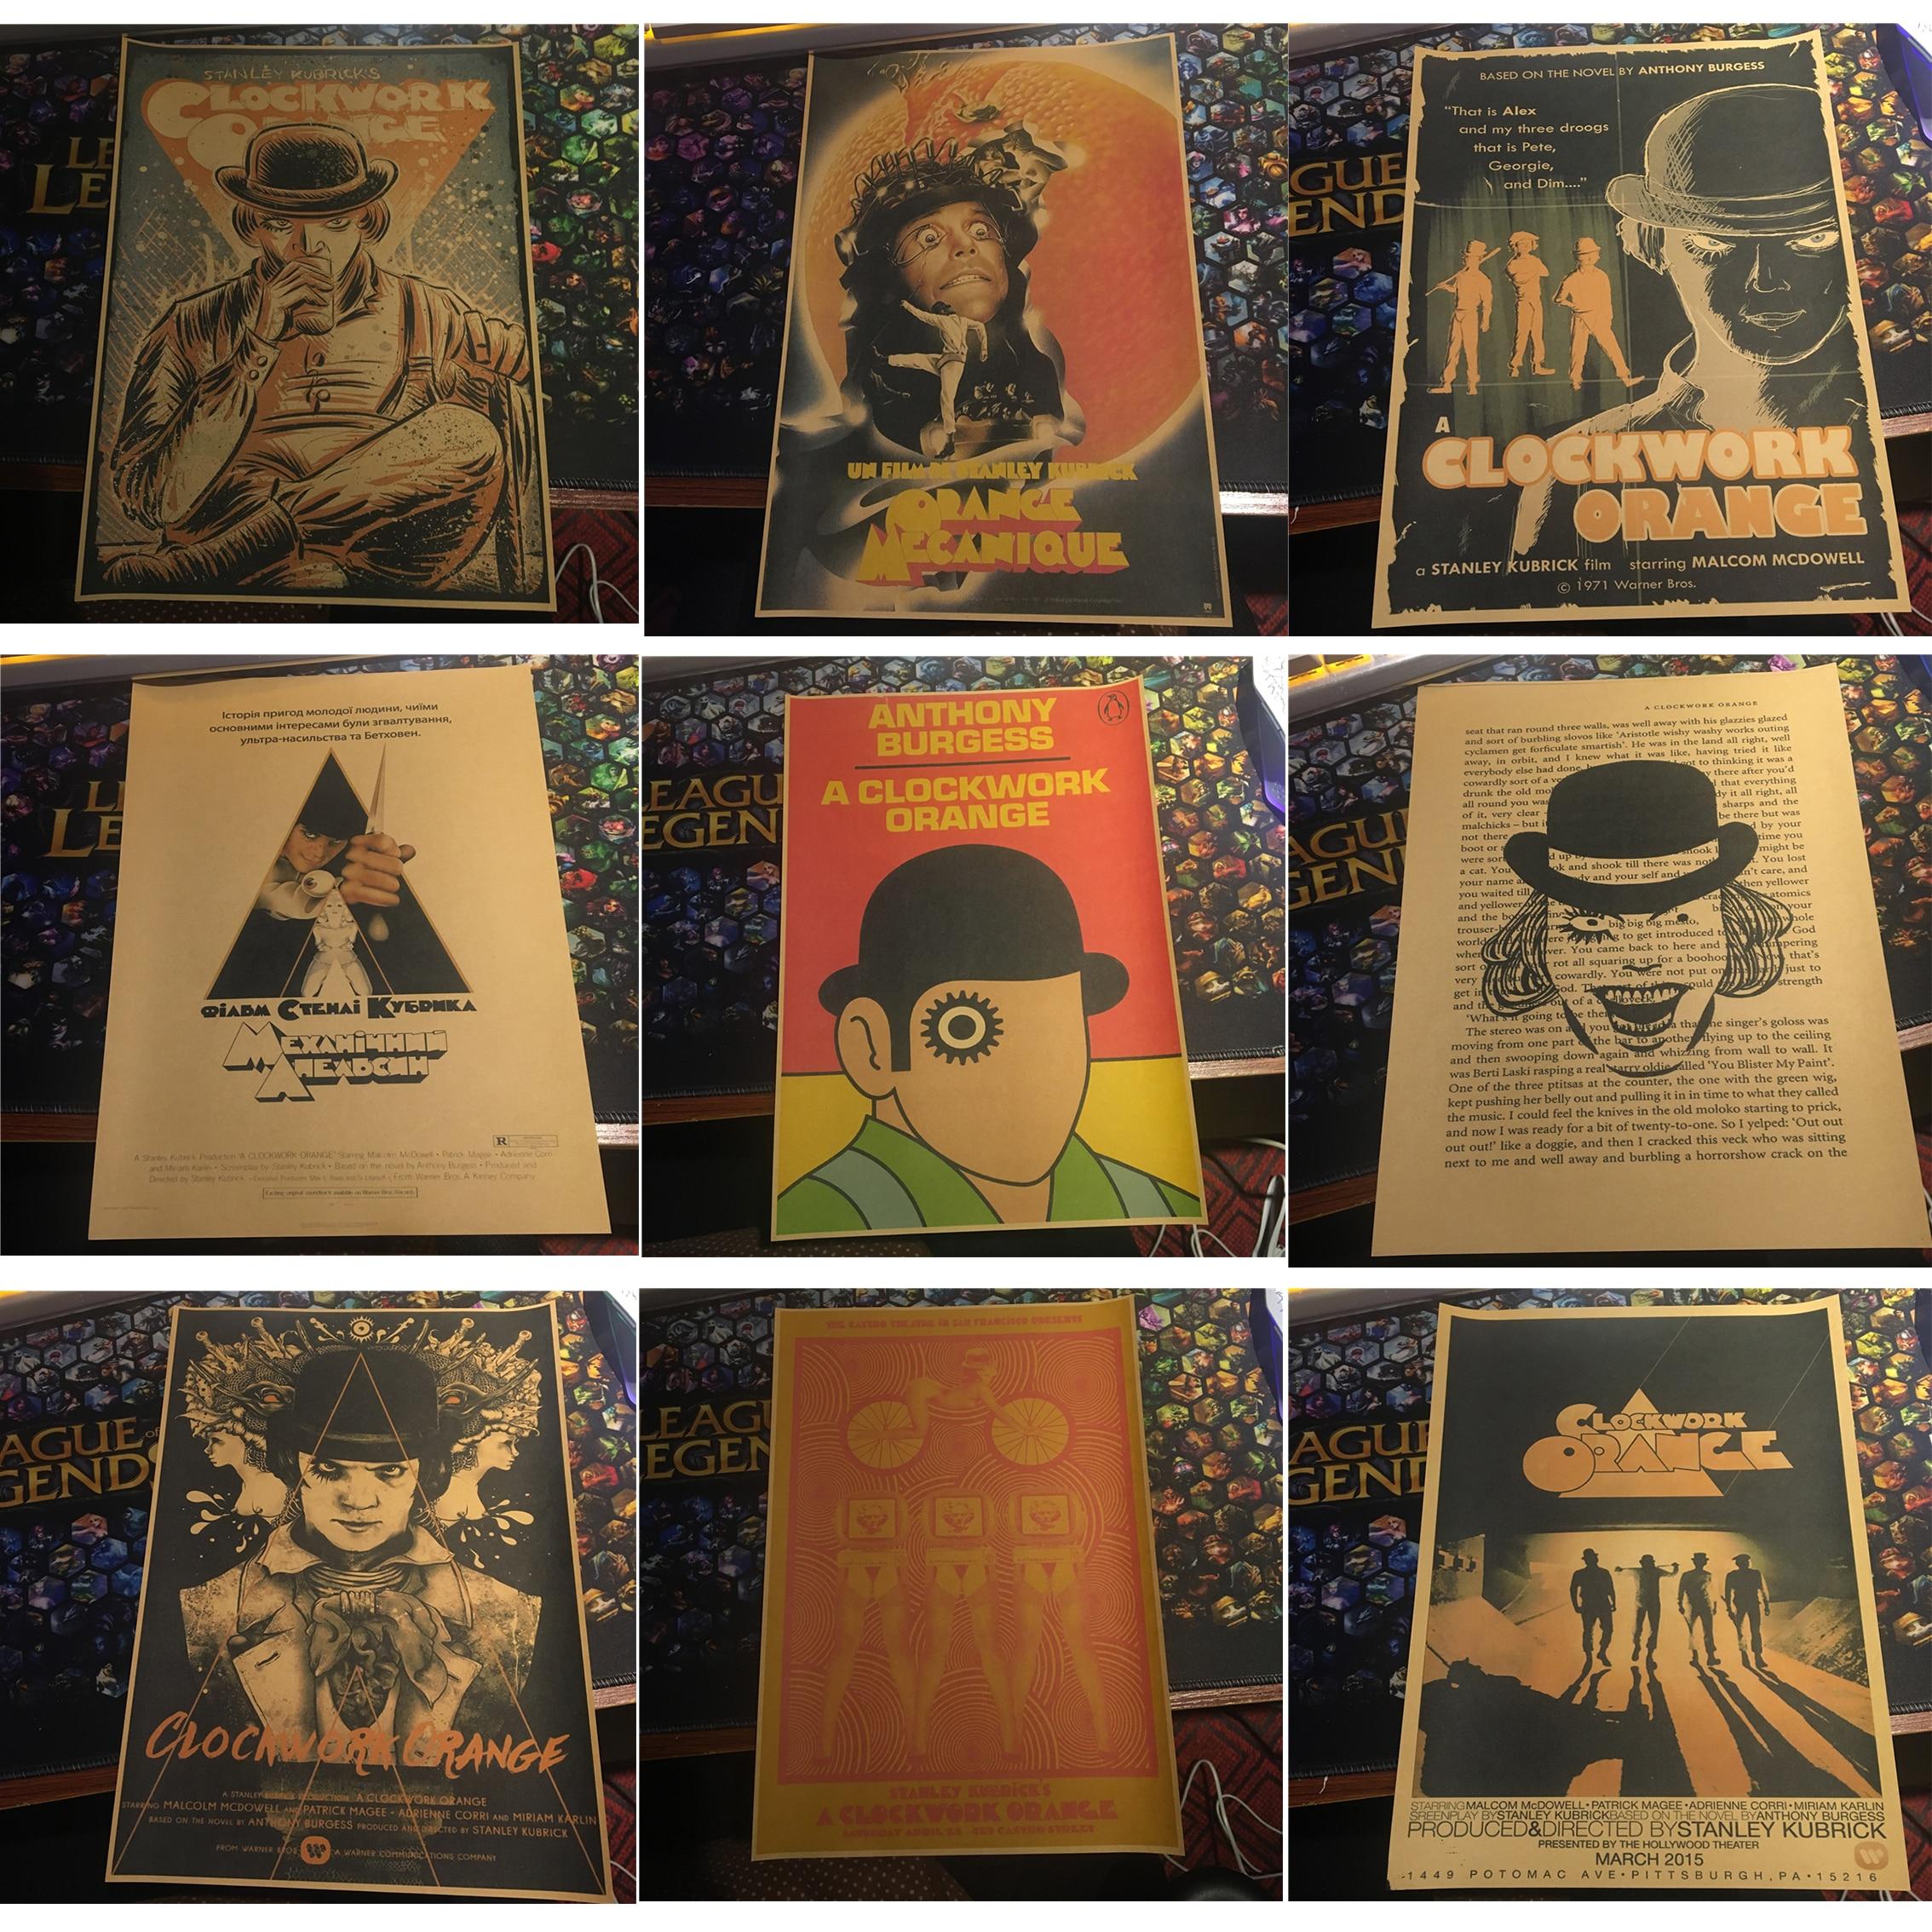 Заводной оранжевый классический постер для фильма, украшение для домашнего интерьера, крафт-постер для фильма, рисунок, основные настенные ...